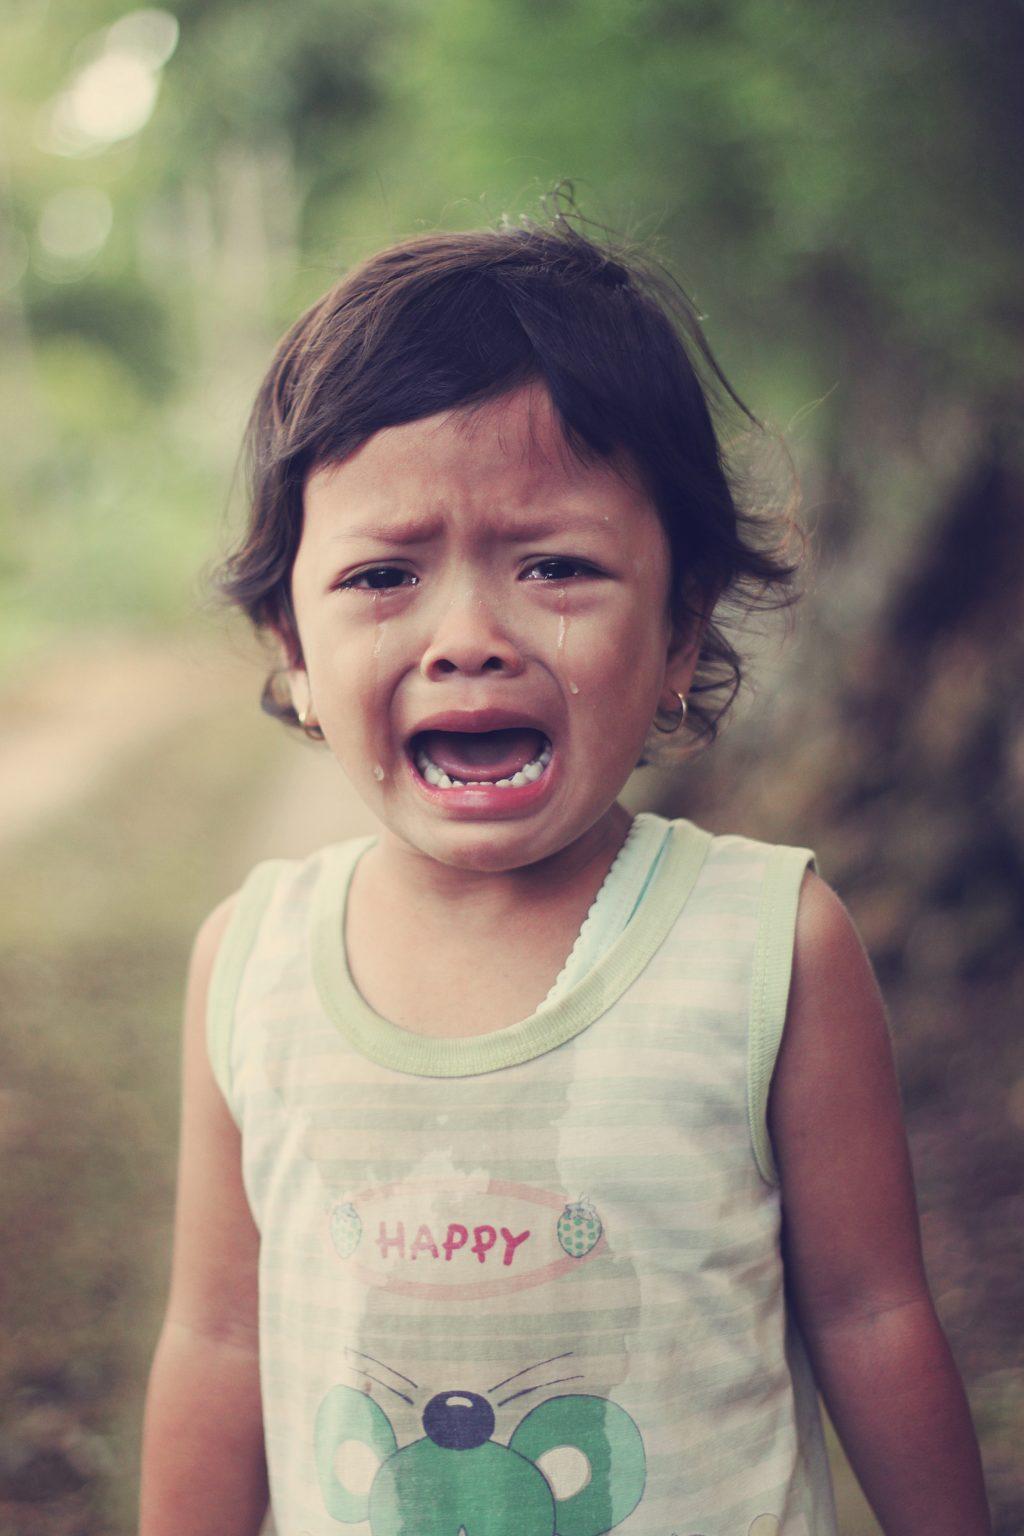 不安な気持ちや恐れが持つスピリチュアルな意味と解決方法